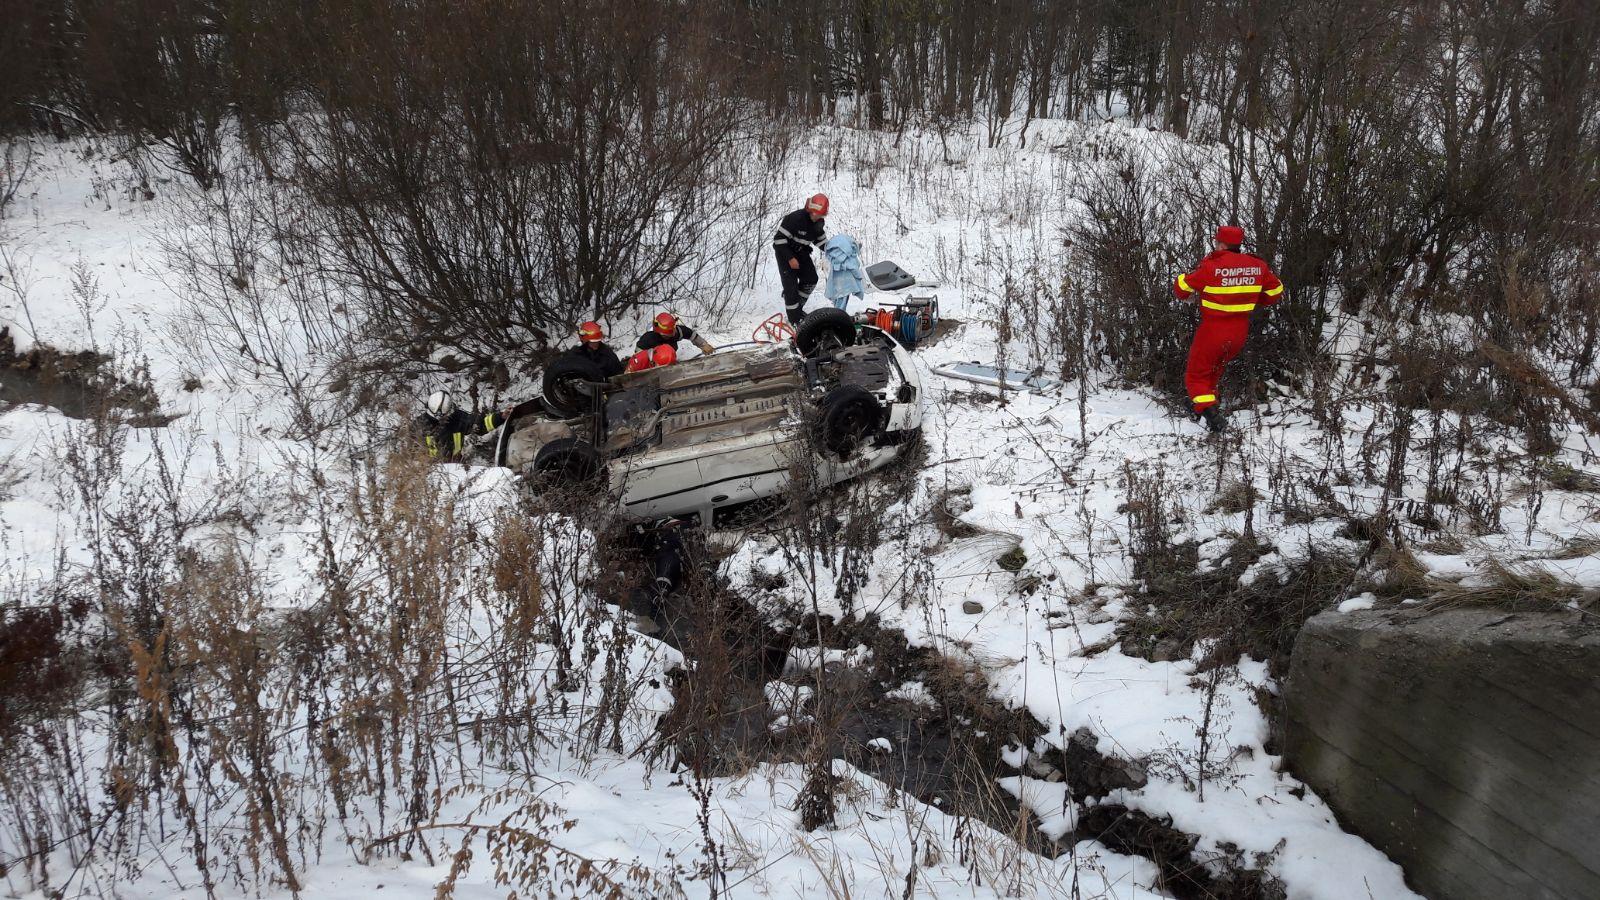 ACCIDENT între Azuga şi Predeal: Trei persoane rănite, după ce maşina în care se aflau a derapat şi s-a răsturnat într-o râpă | FOTO